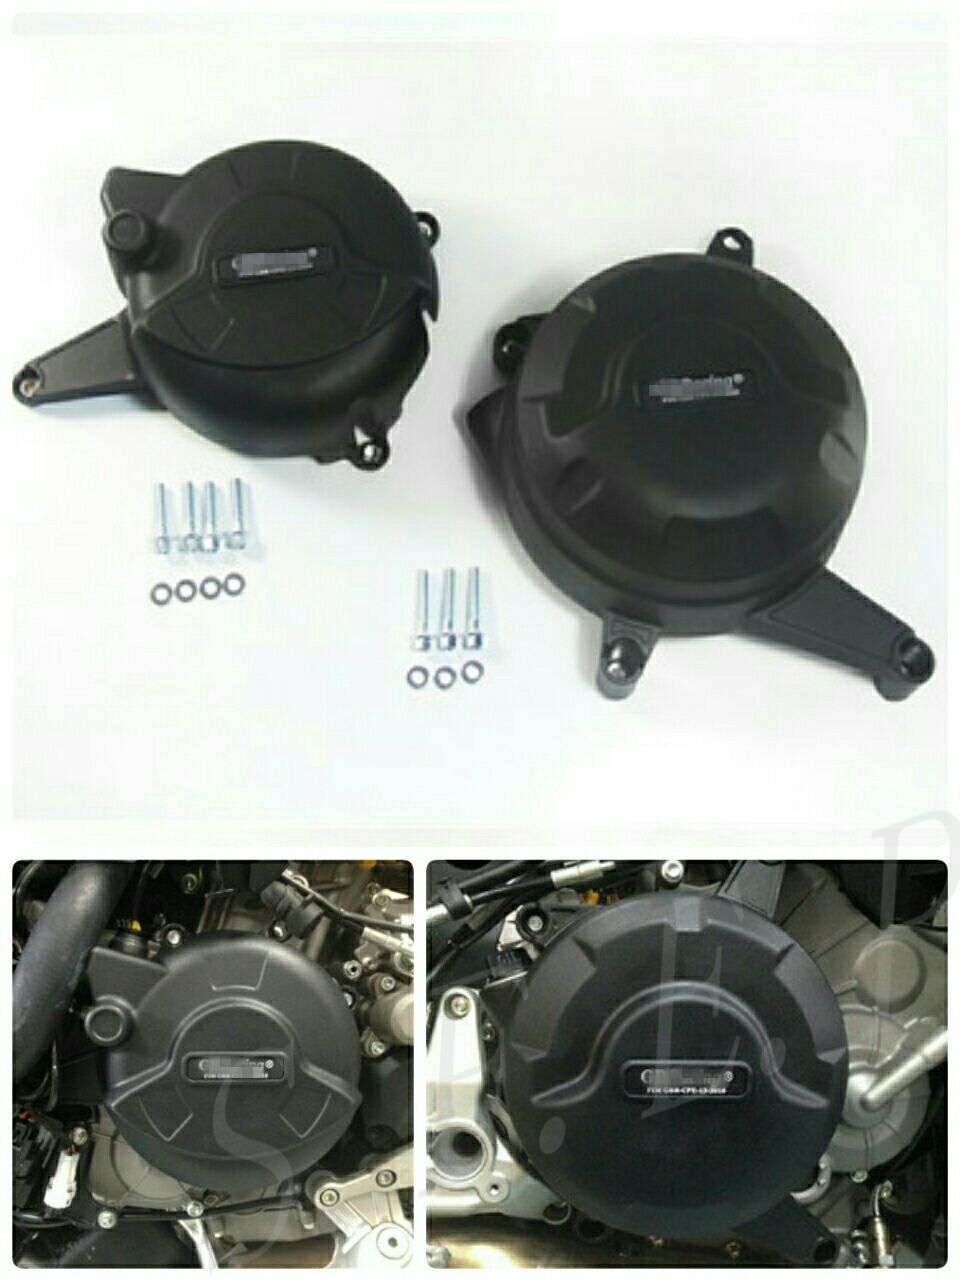 Housse de protection pour moteur moto GB Racing pour Ducati 899 Panigale 2014-2015 noir